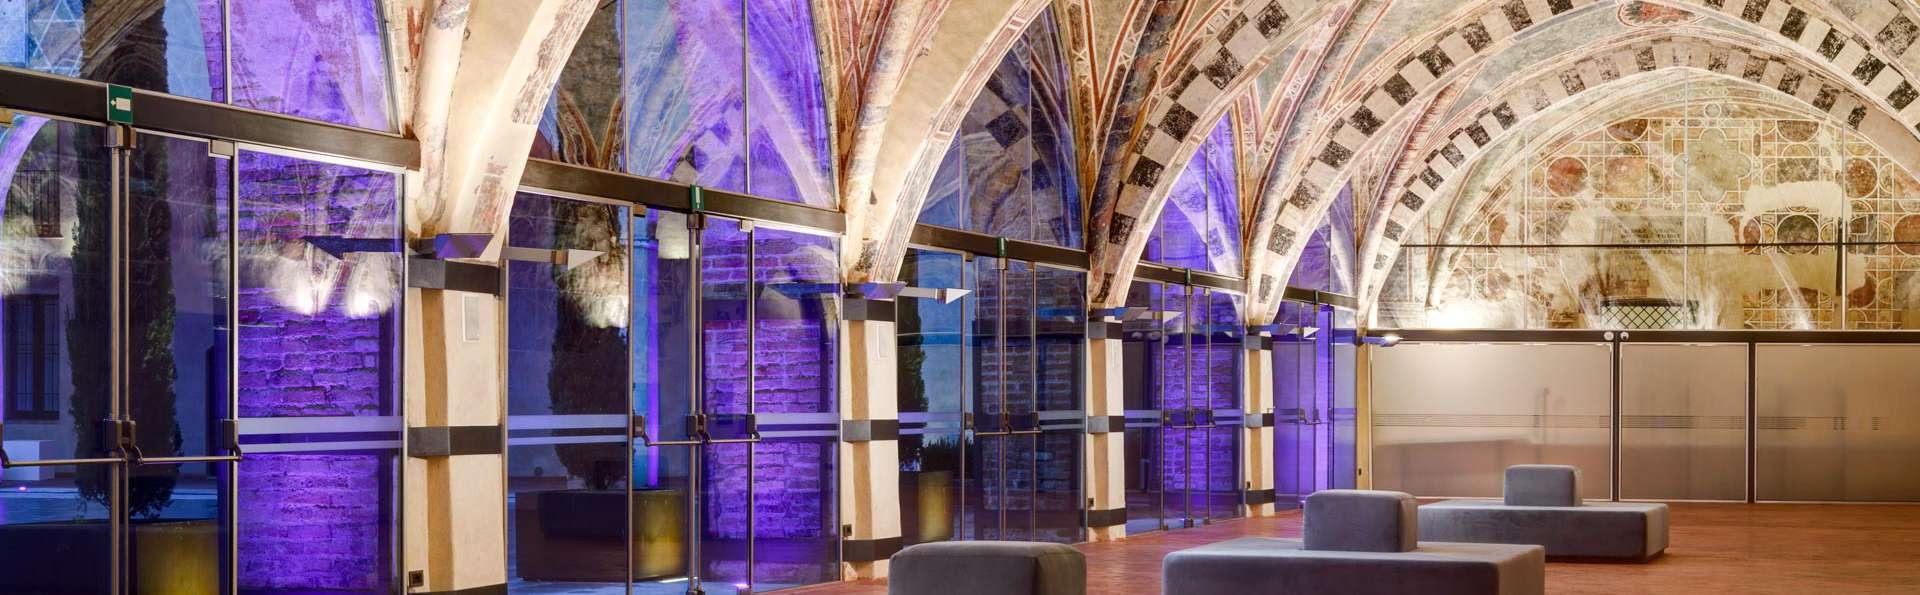 Notte da sogno in un castello alle porte di Milano con visita al Cenacolo di Leonardo da Vinci